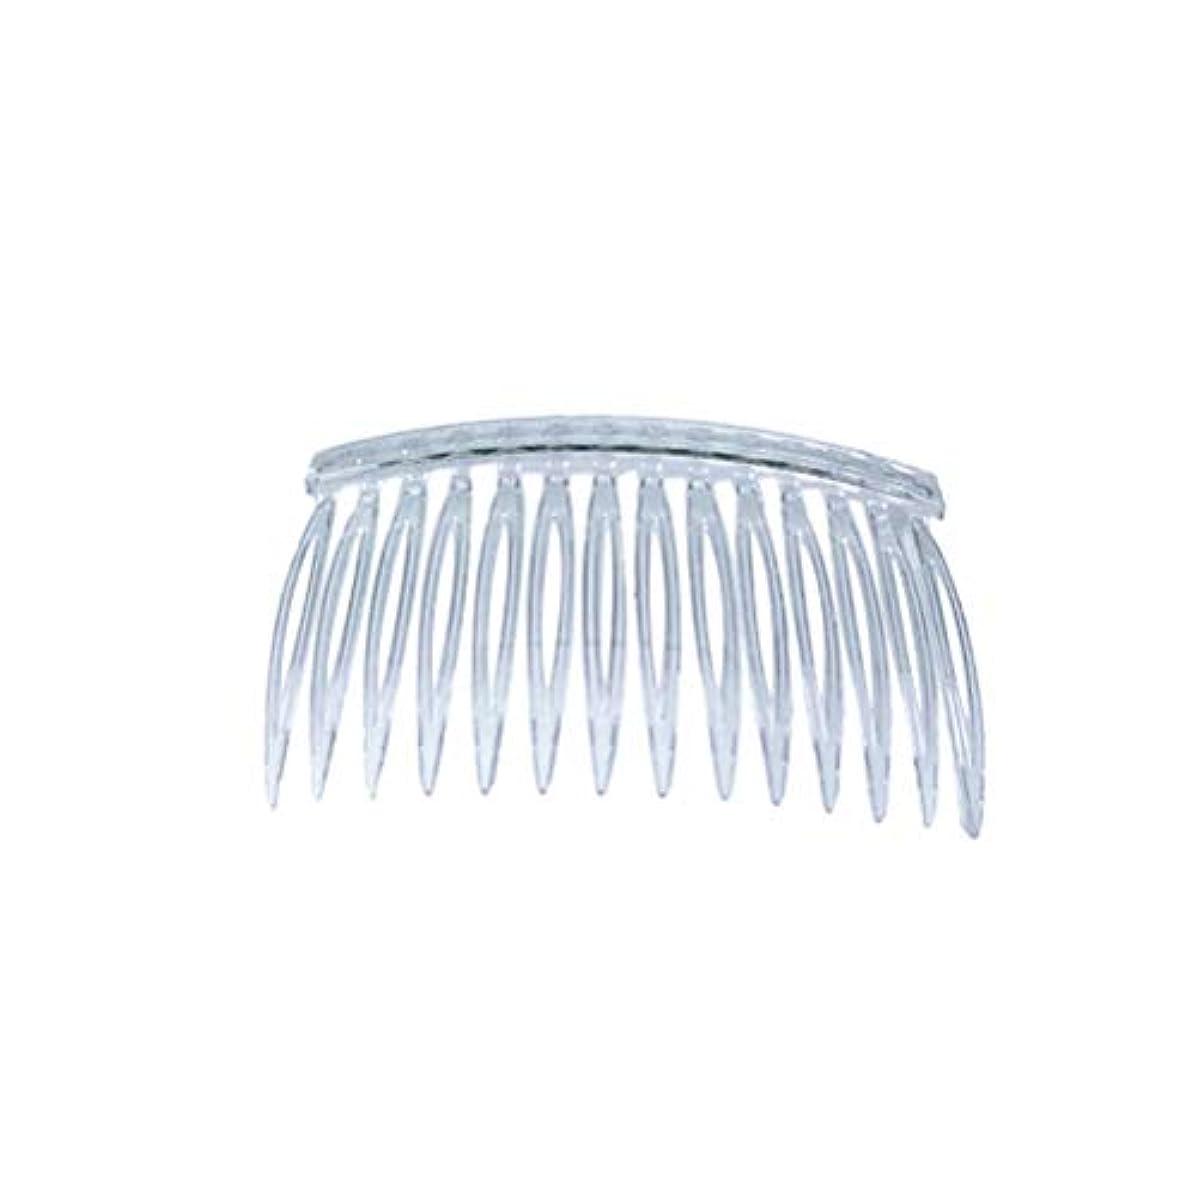 試みる秘密の定義Frcolor ヘアコーム ヘアアレンジ コーム かんざし ヘッドドレス 髪の櫛 髪飾り ヘアアクセサリー まとめ髪 プラスチック 透明 10本セット